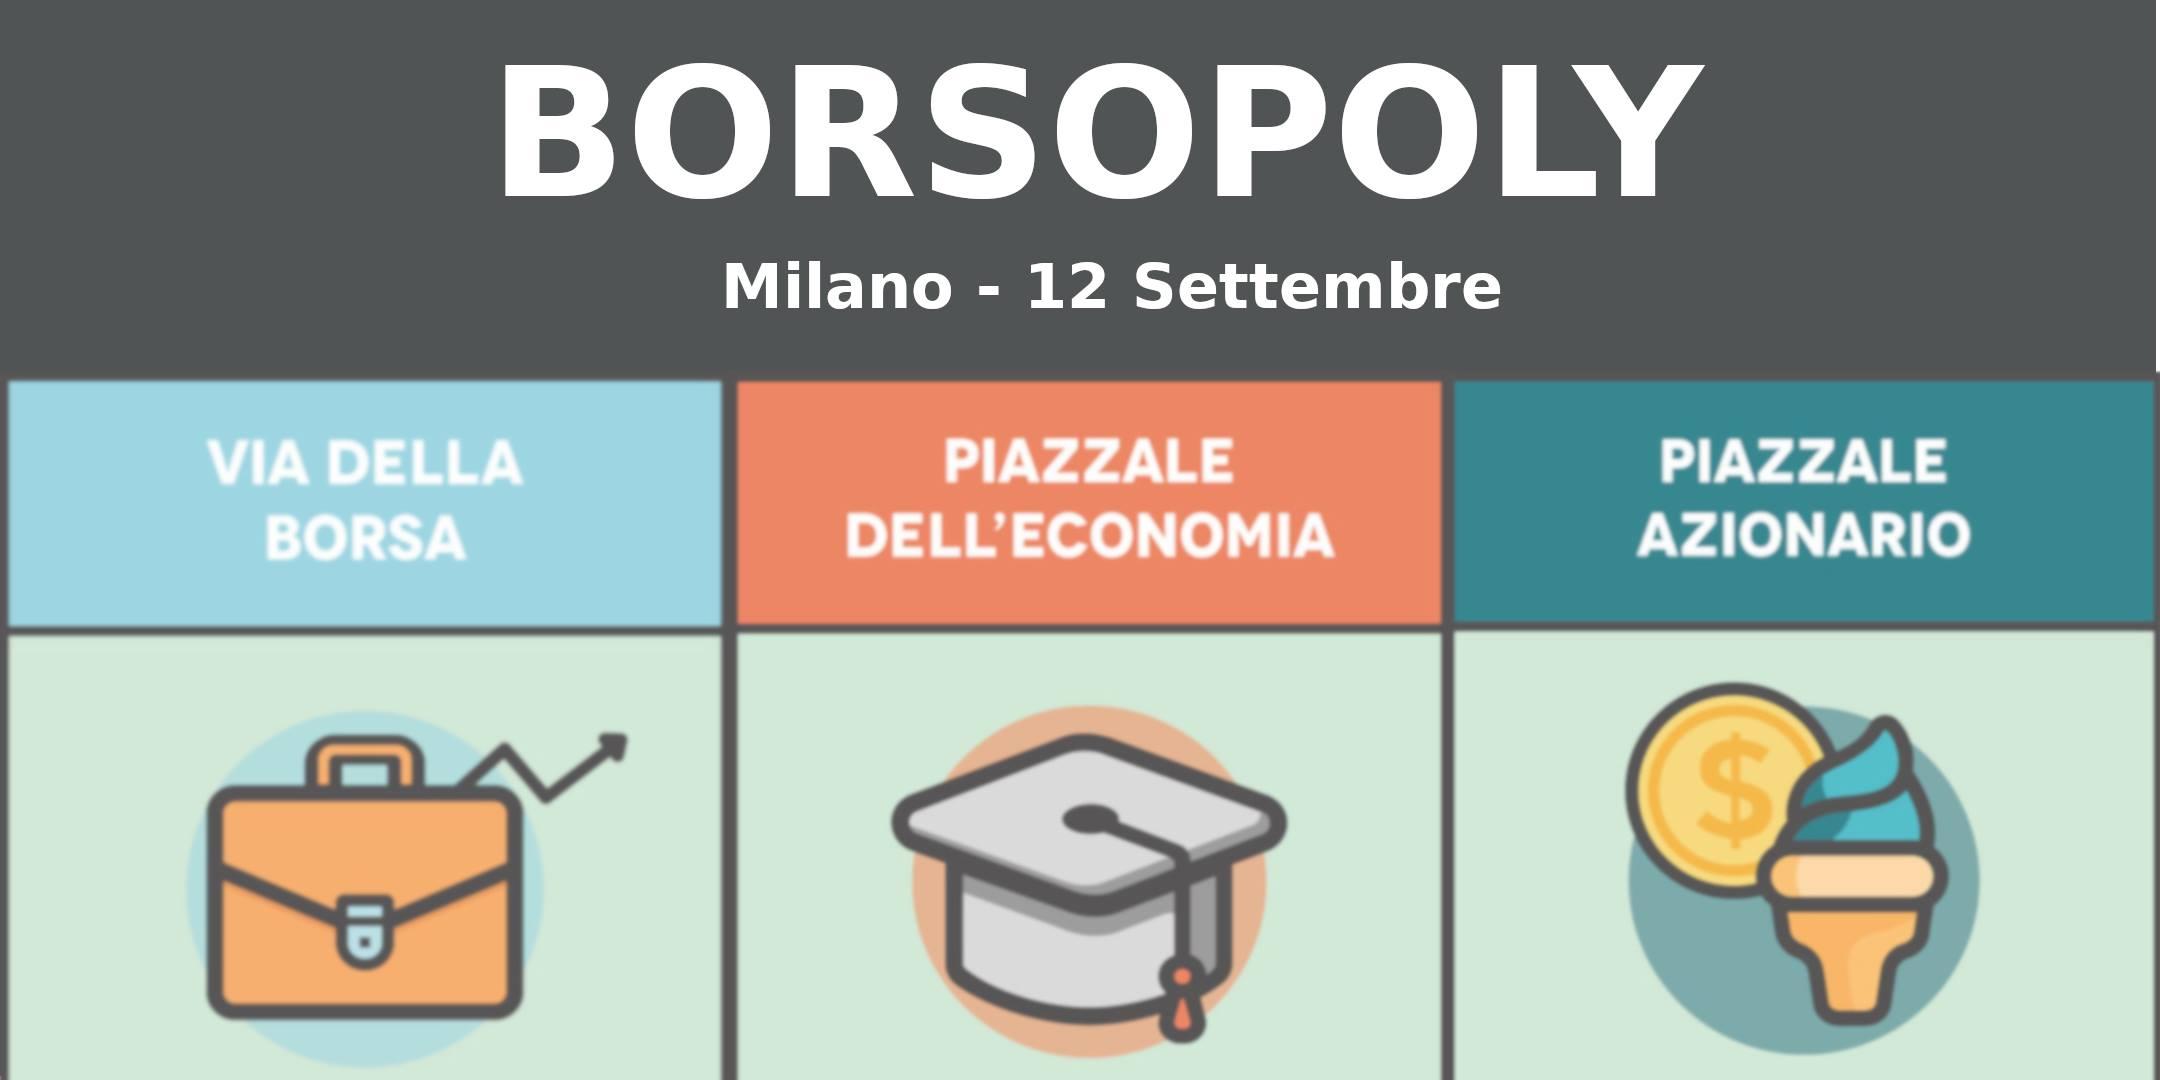 Borsopoly